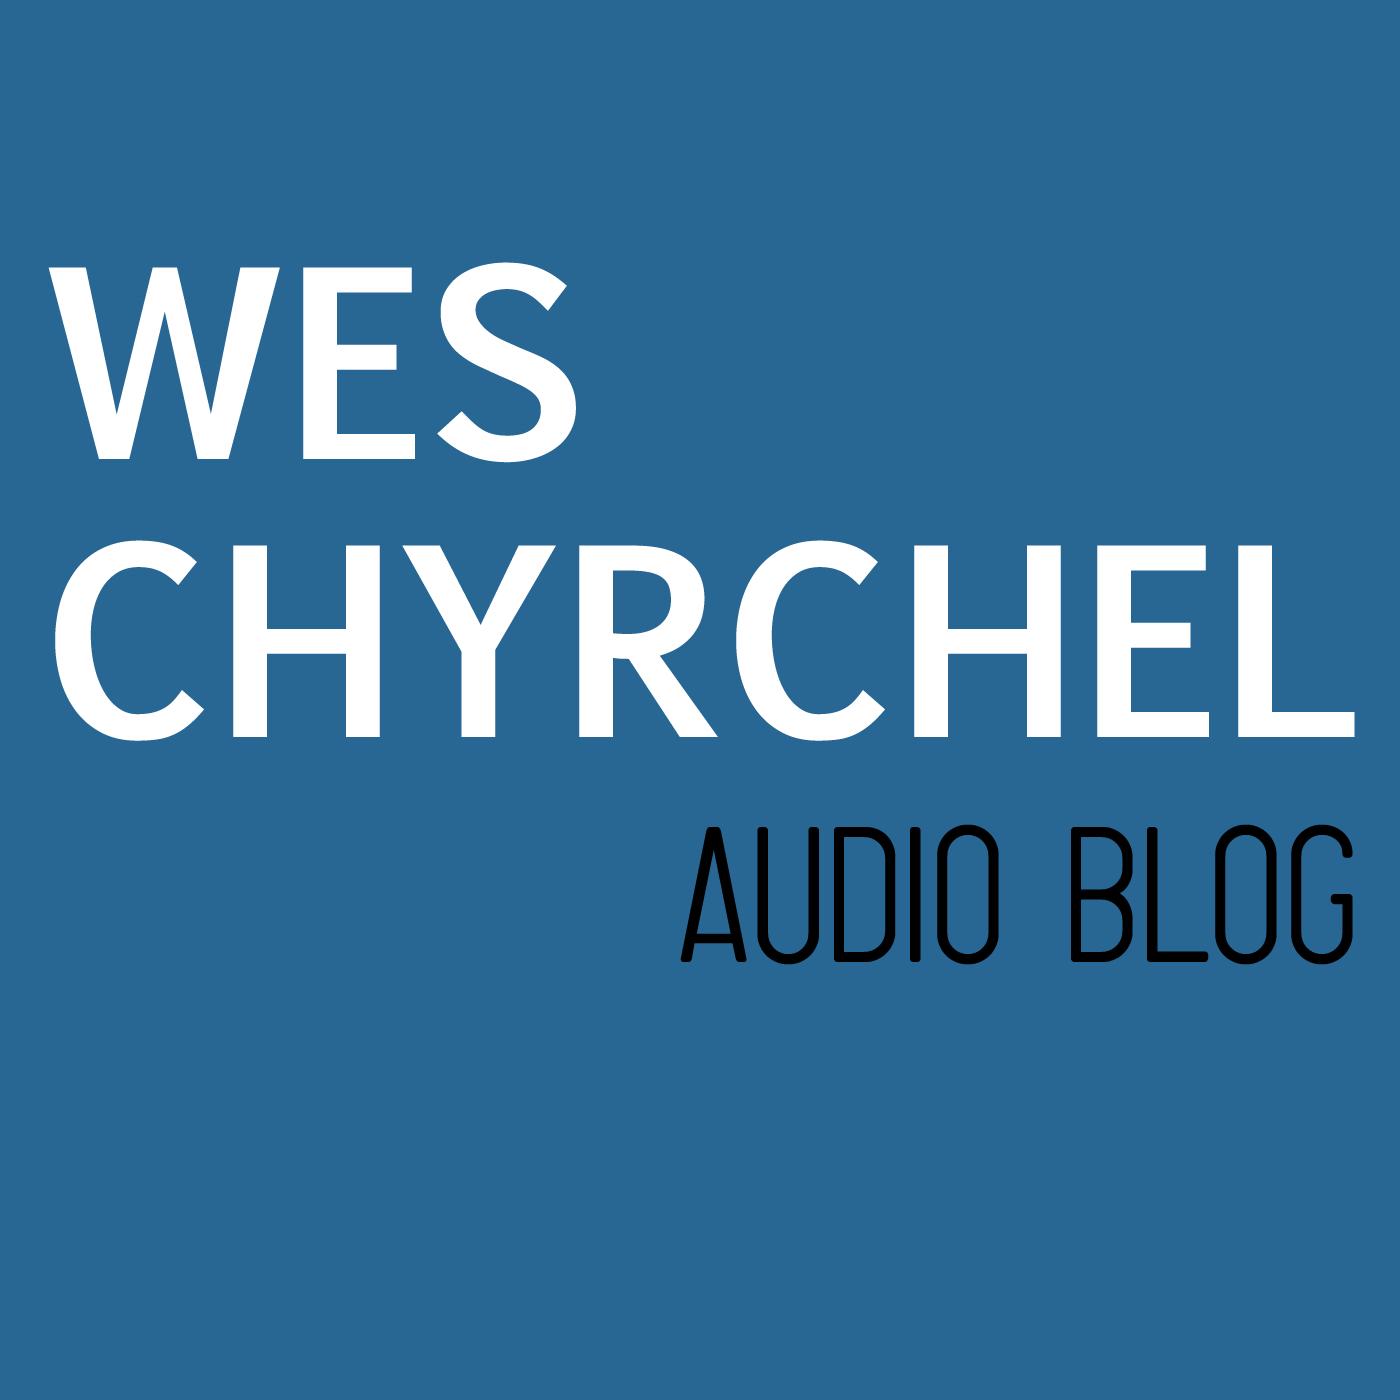 Wes Chyrchel